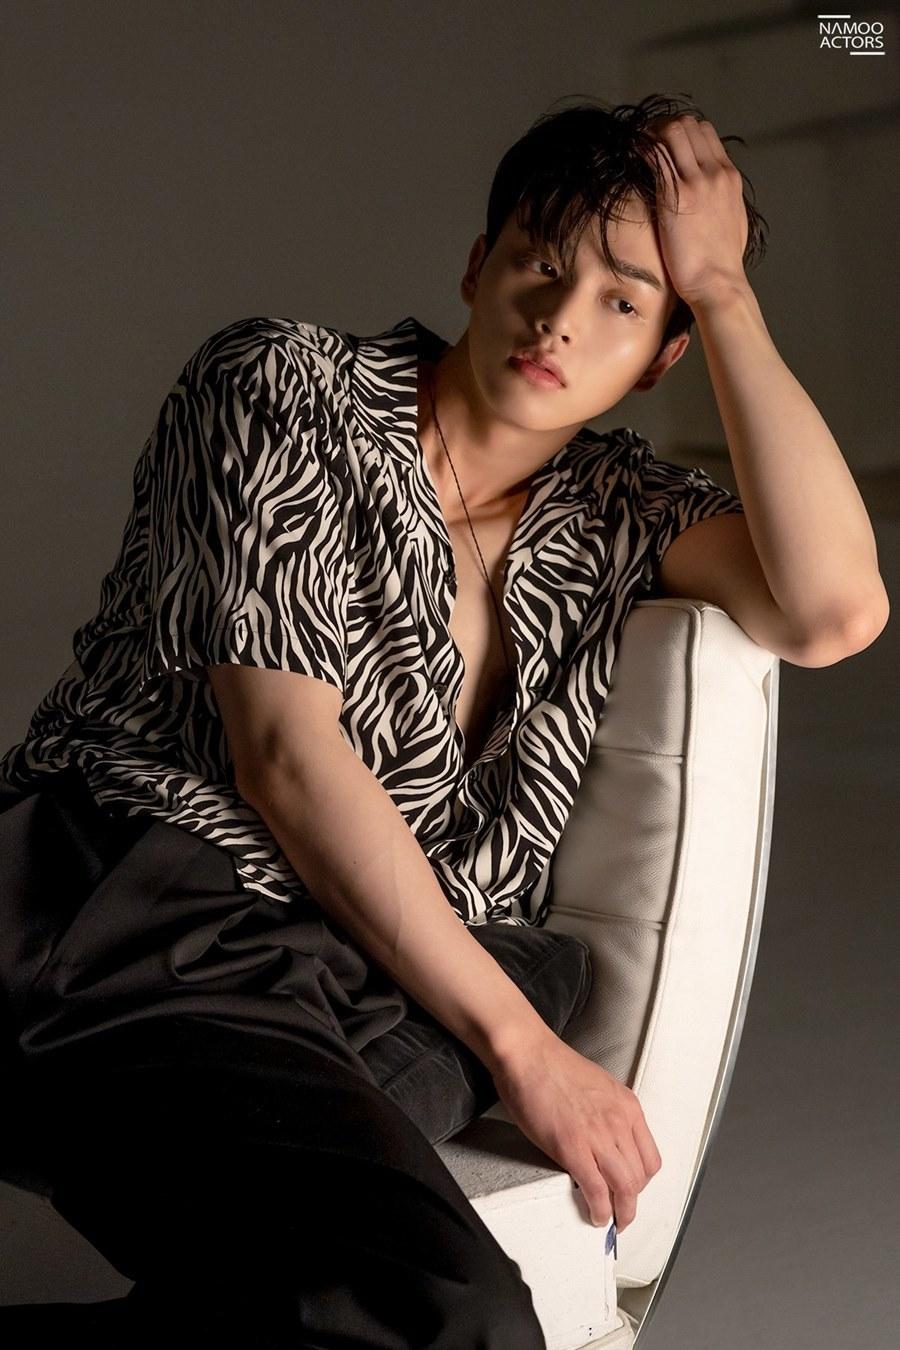 Song Kang 'xỉu ngang xỉu dọc' khi lần đầu gặp Jin: Anh cả BTS đích thị là chiếc chồng quốc dân 1